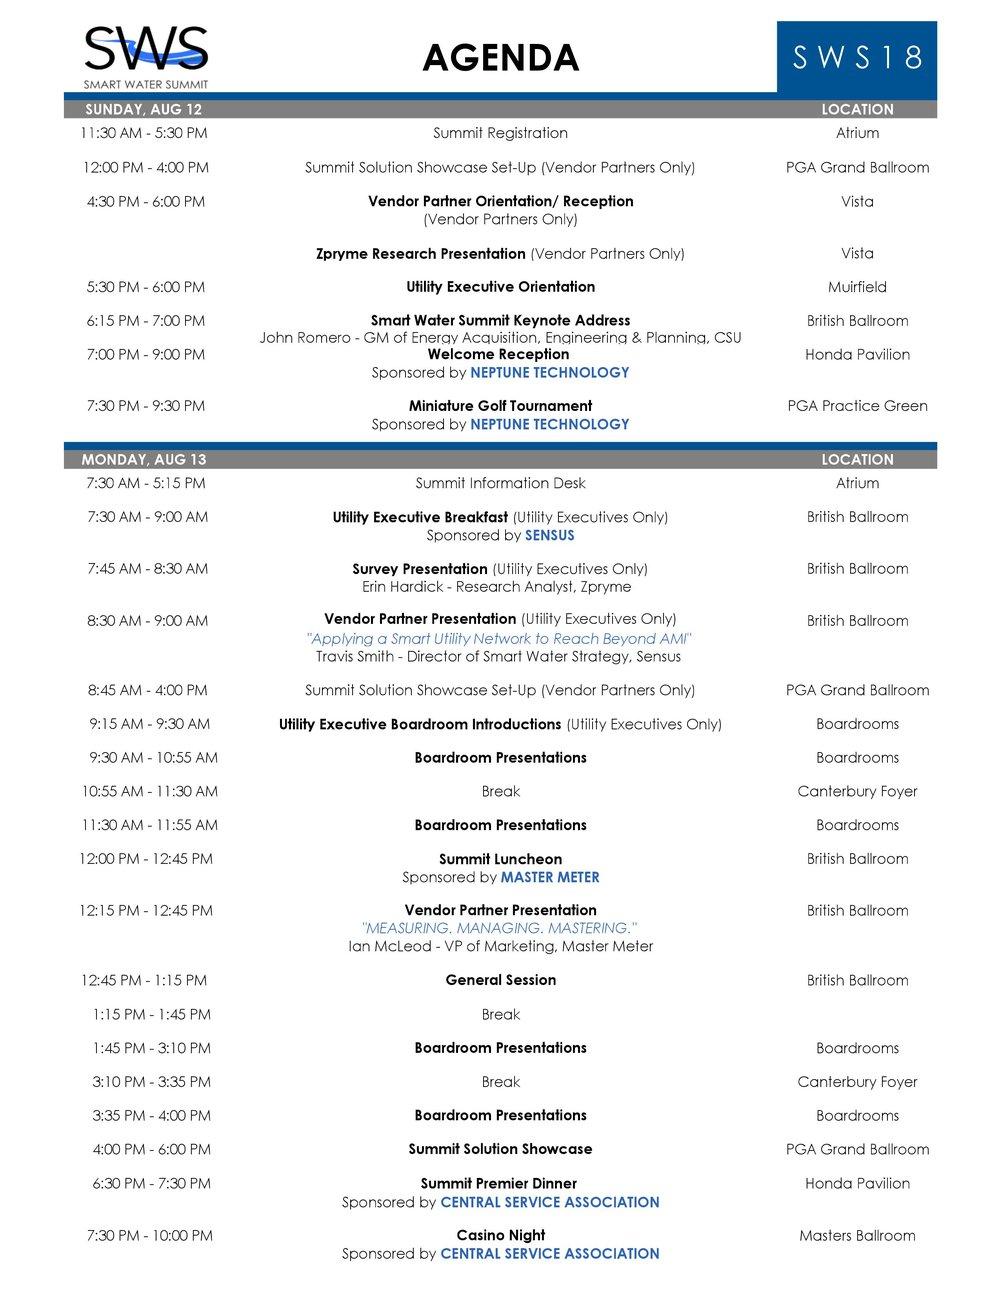 Agenda - 1 Website.jpg